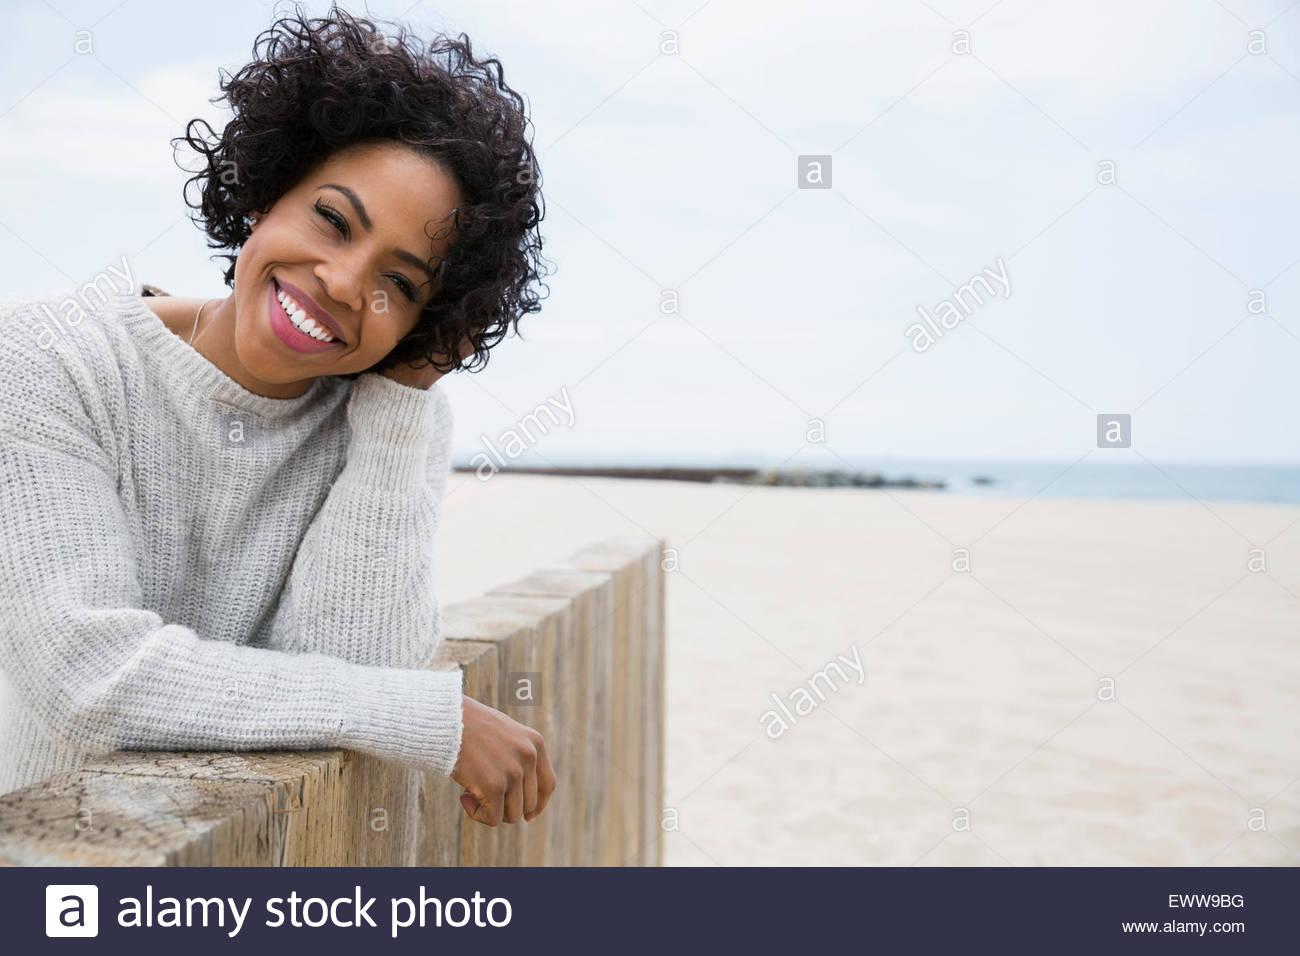 Retrato mujer sonriente rizado cabello negro playa muro Imagen De Stock